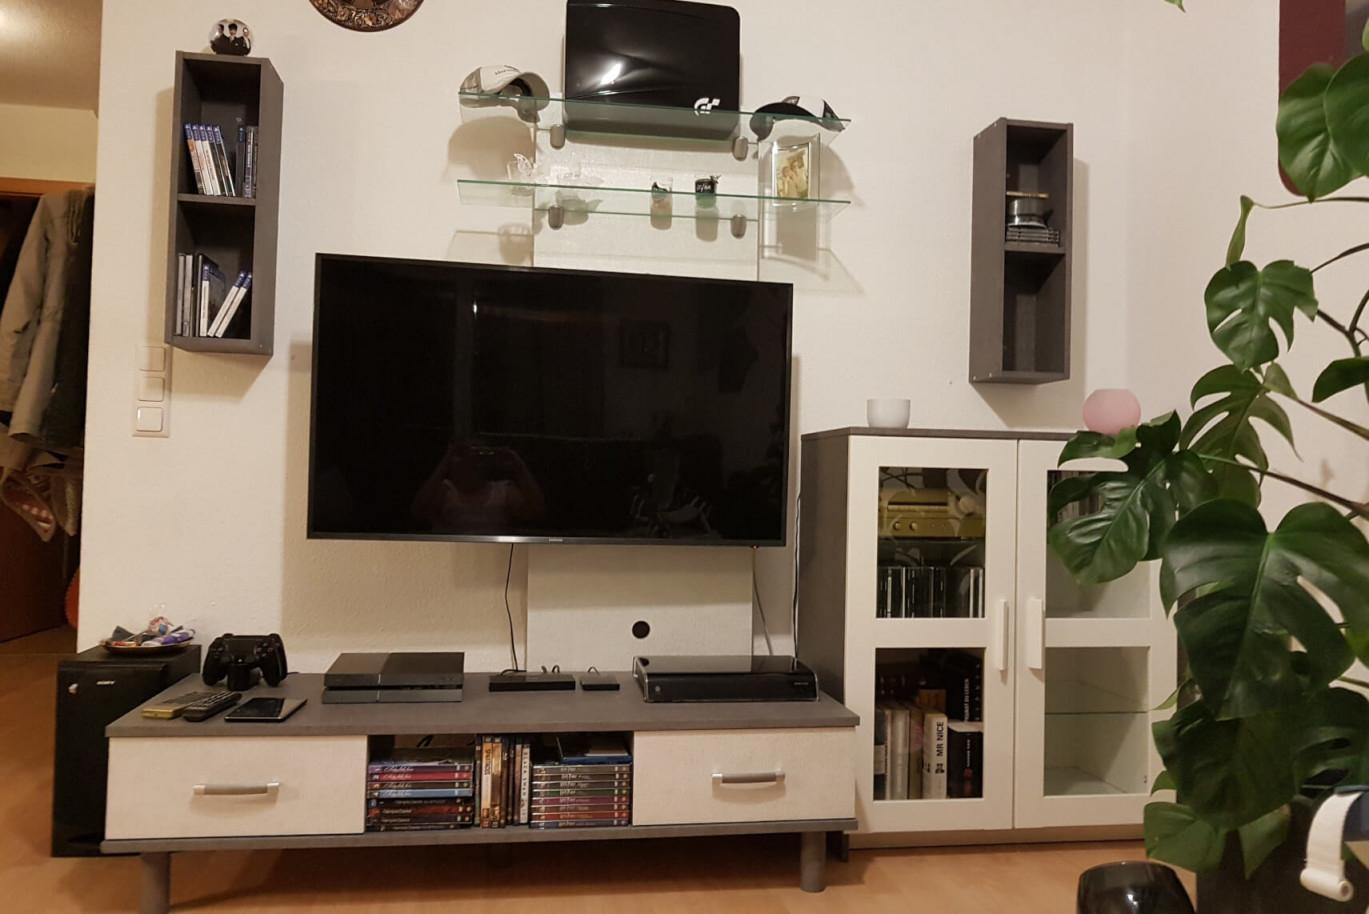 Wohnzimmer Gestalten  Modern  Grau Weiß Beton  Resimdo von Wohnzimmer Fernsehwand Gestalten Bild